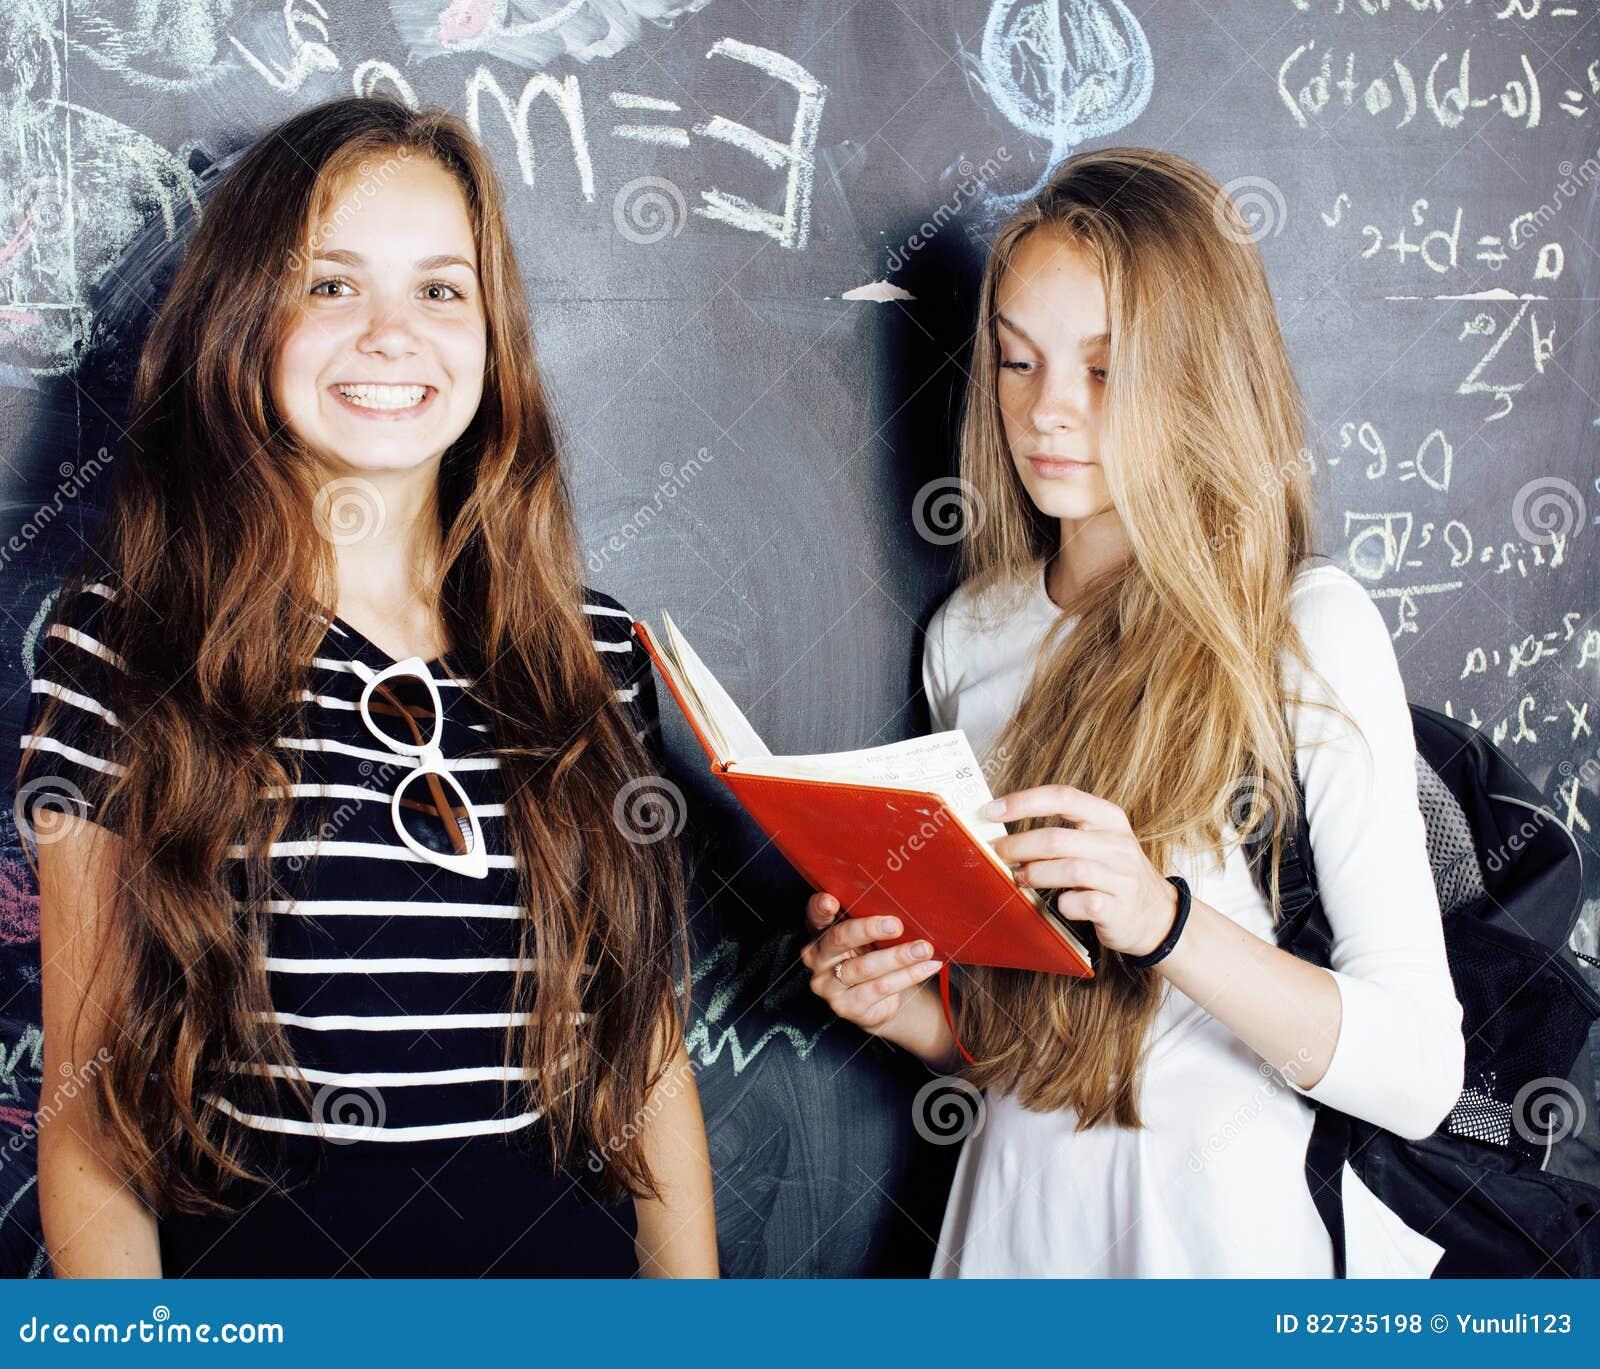 Reales Foto teen girl